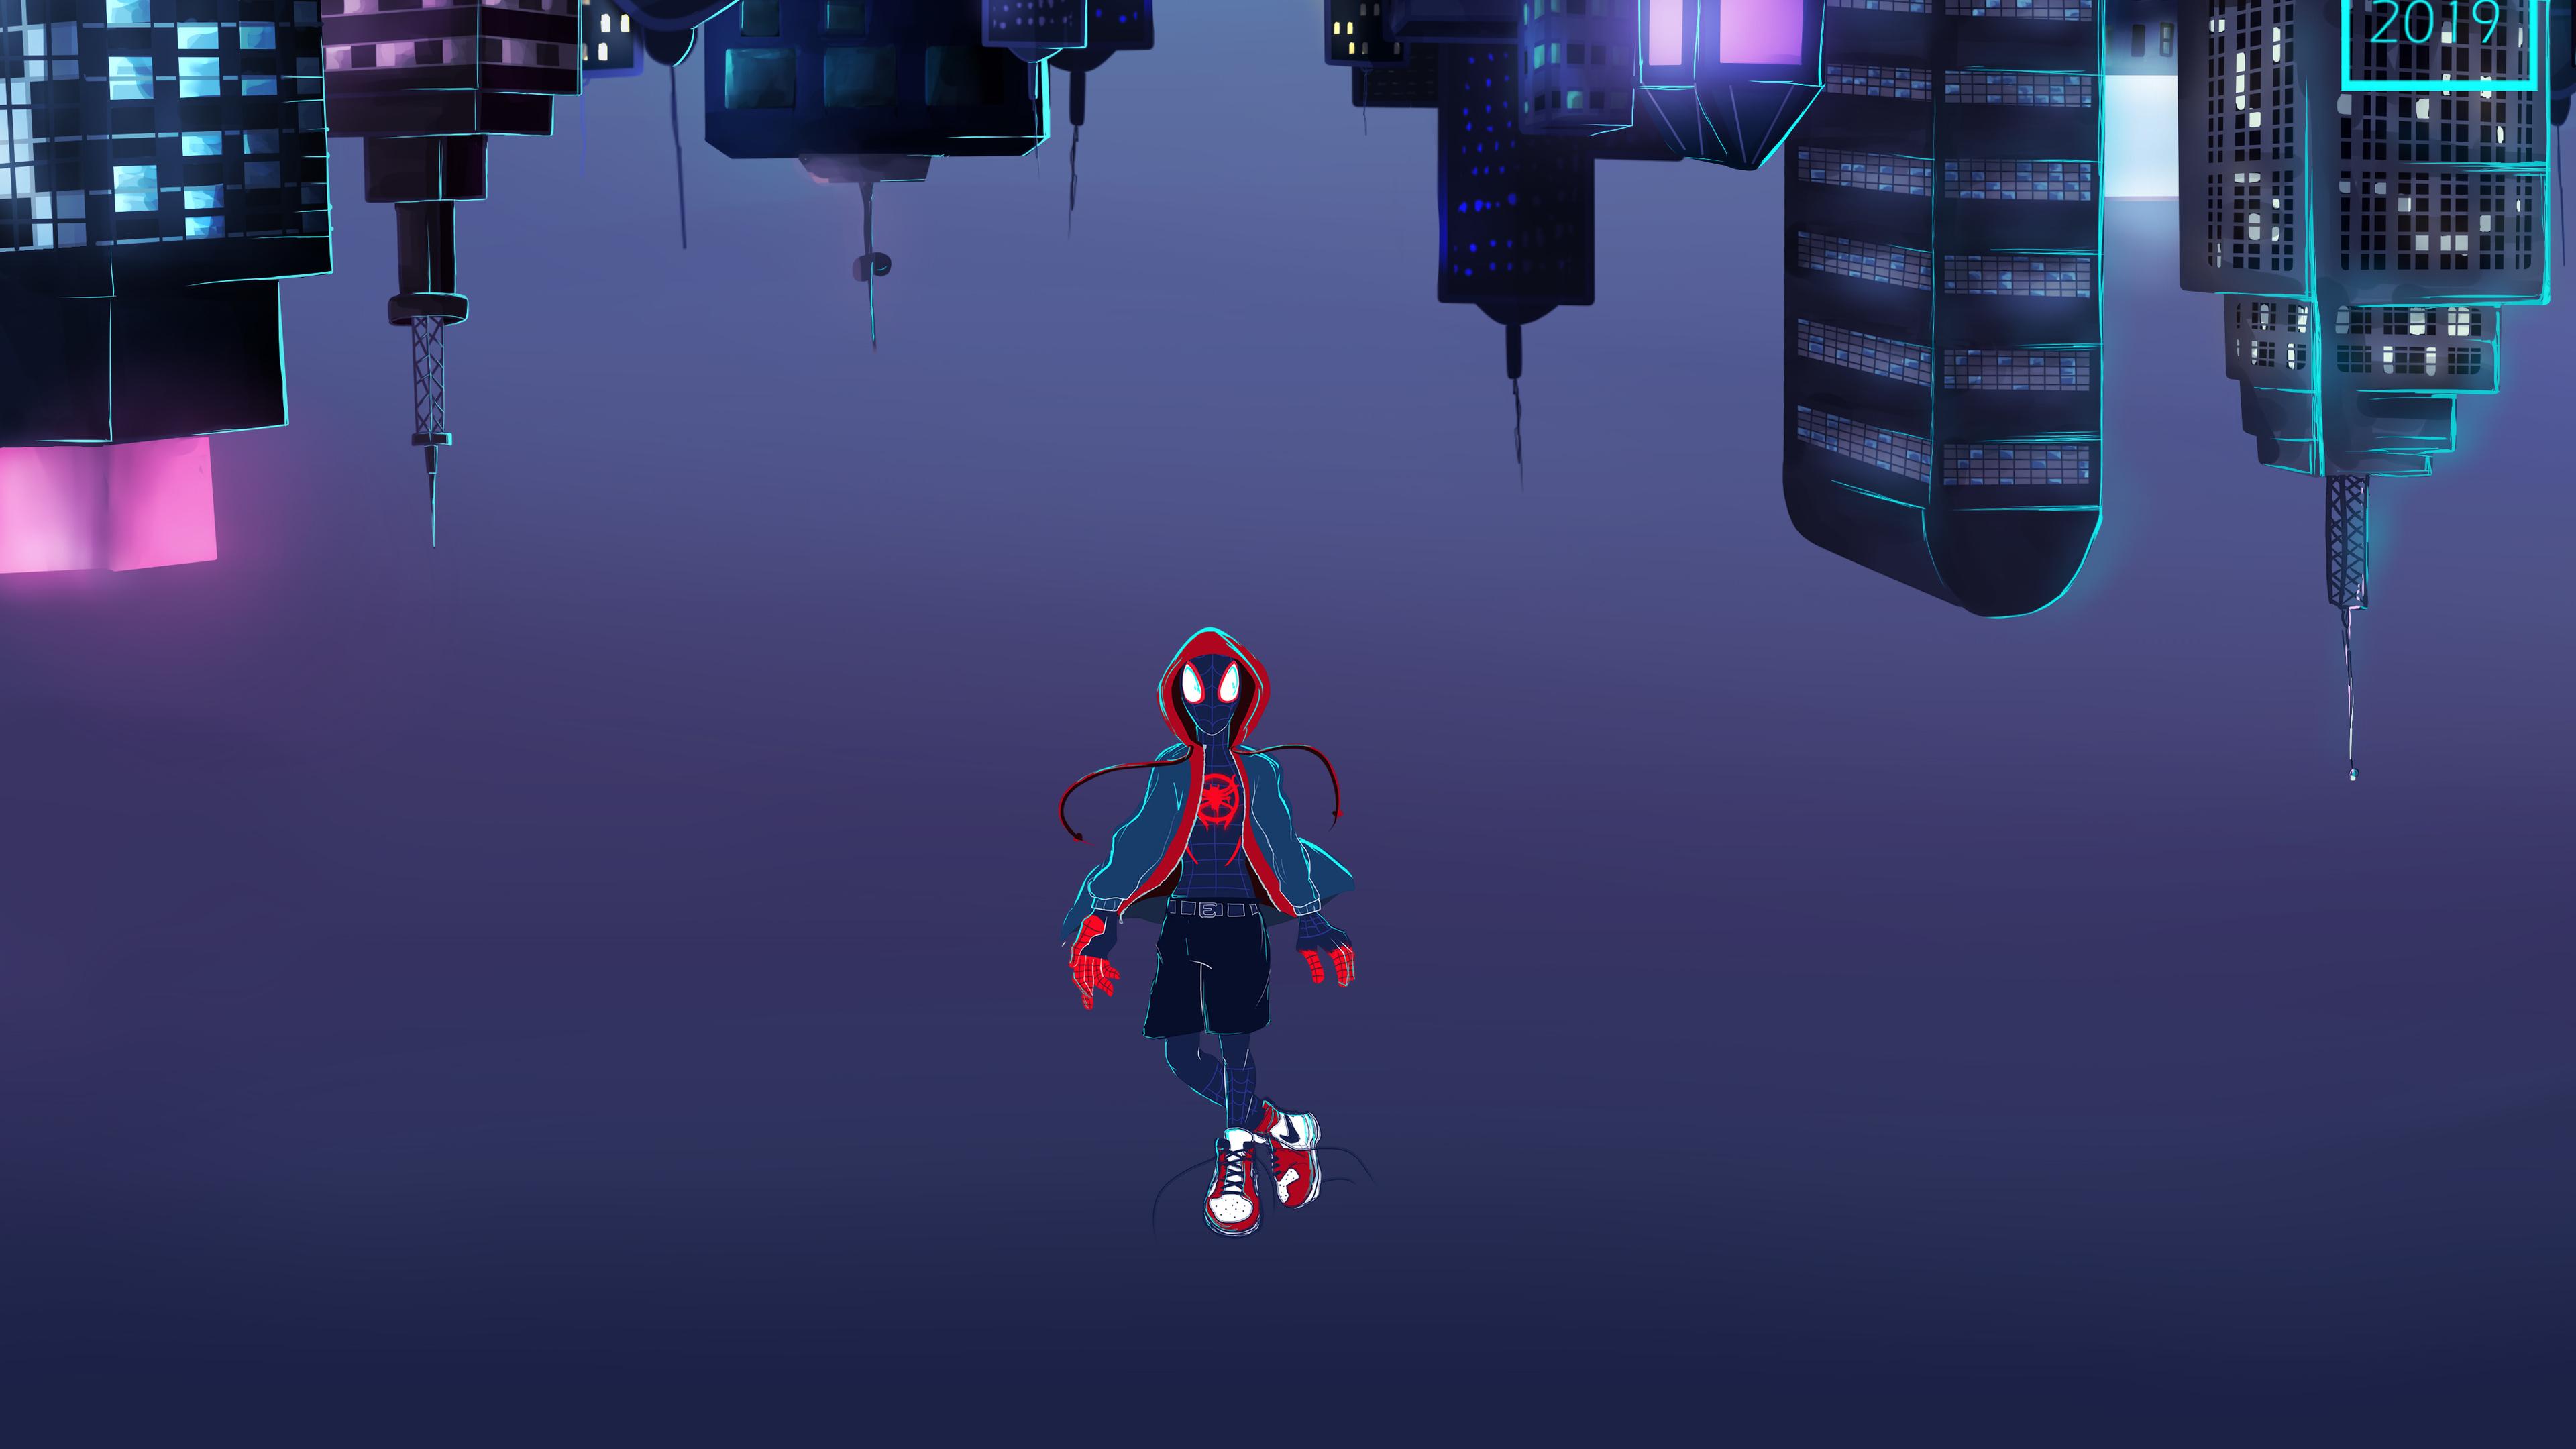 Wallpaper 4k Spiderman Leap Of Faith 4k 4k Wallpapers Artist